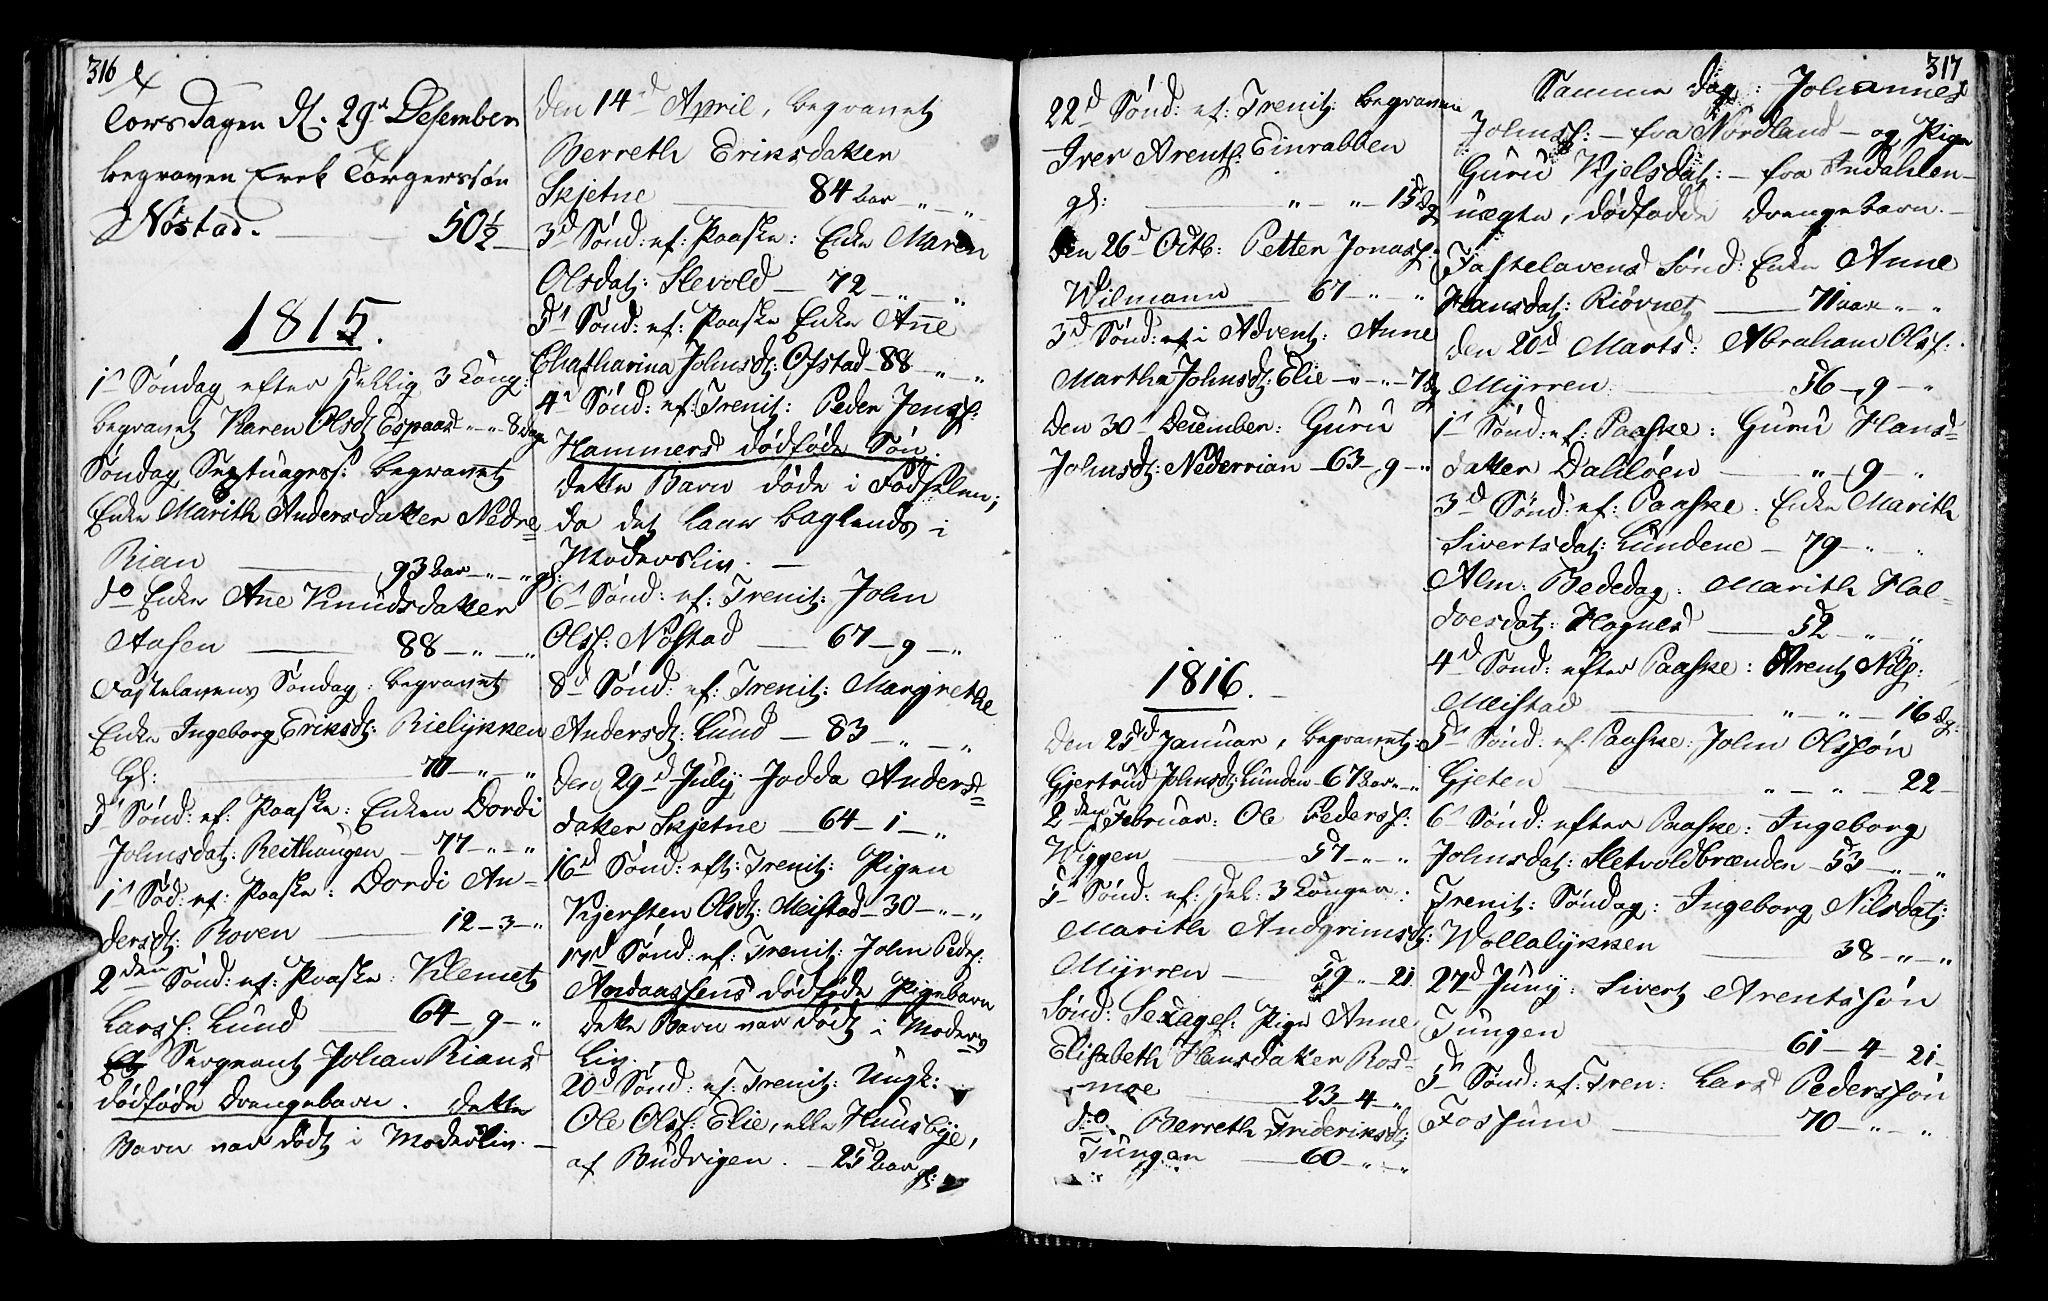 SAT, Ministerialprotokoller, klokkerbøker og fødselsregistre - Sør-Trøndelag, 665/L0769: Ministerialbok nr. 665A04, 1803-1816, s. 316-317